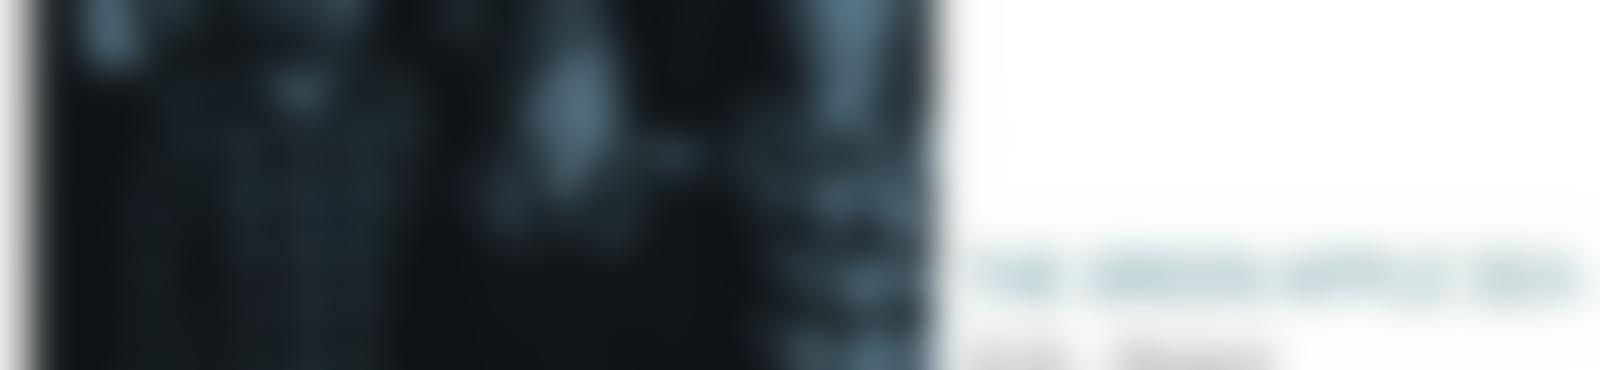 Blurred d60f2f5a 2a45 4172 b47d 78fdb043b36b